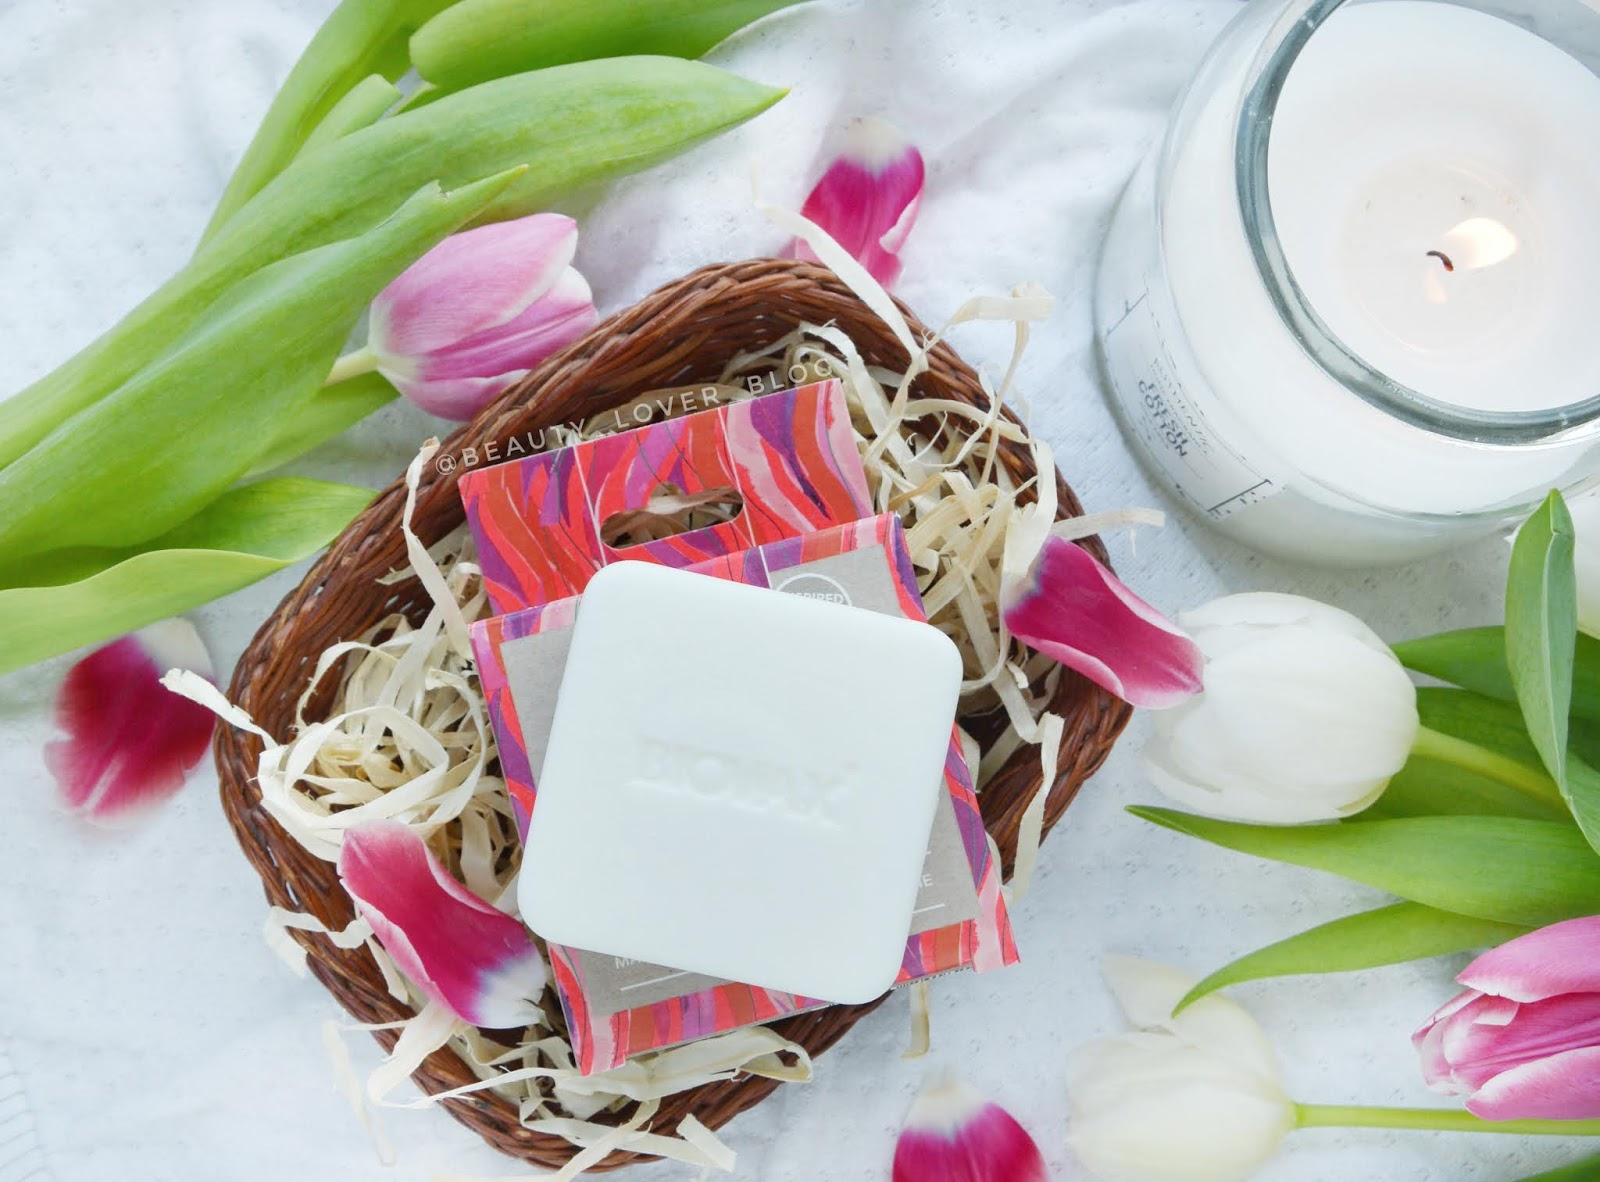 L'biotica Biovax- szampon w kostce bicapil malina moroszka & olej z róży- skład i recenzja